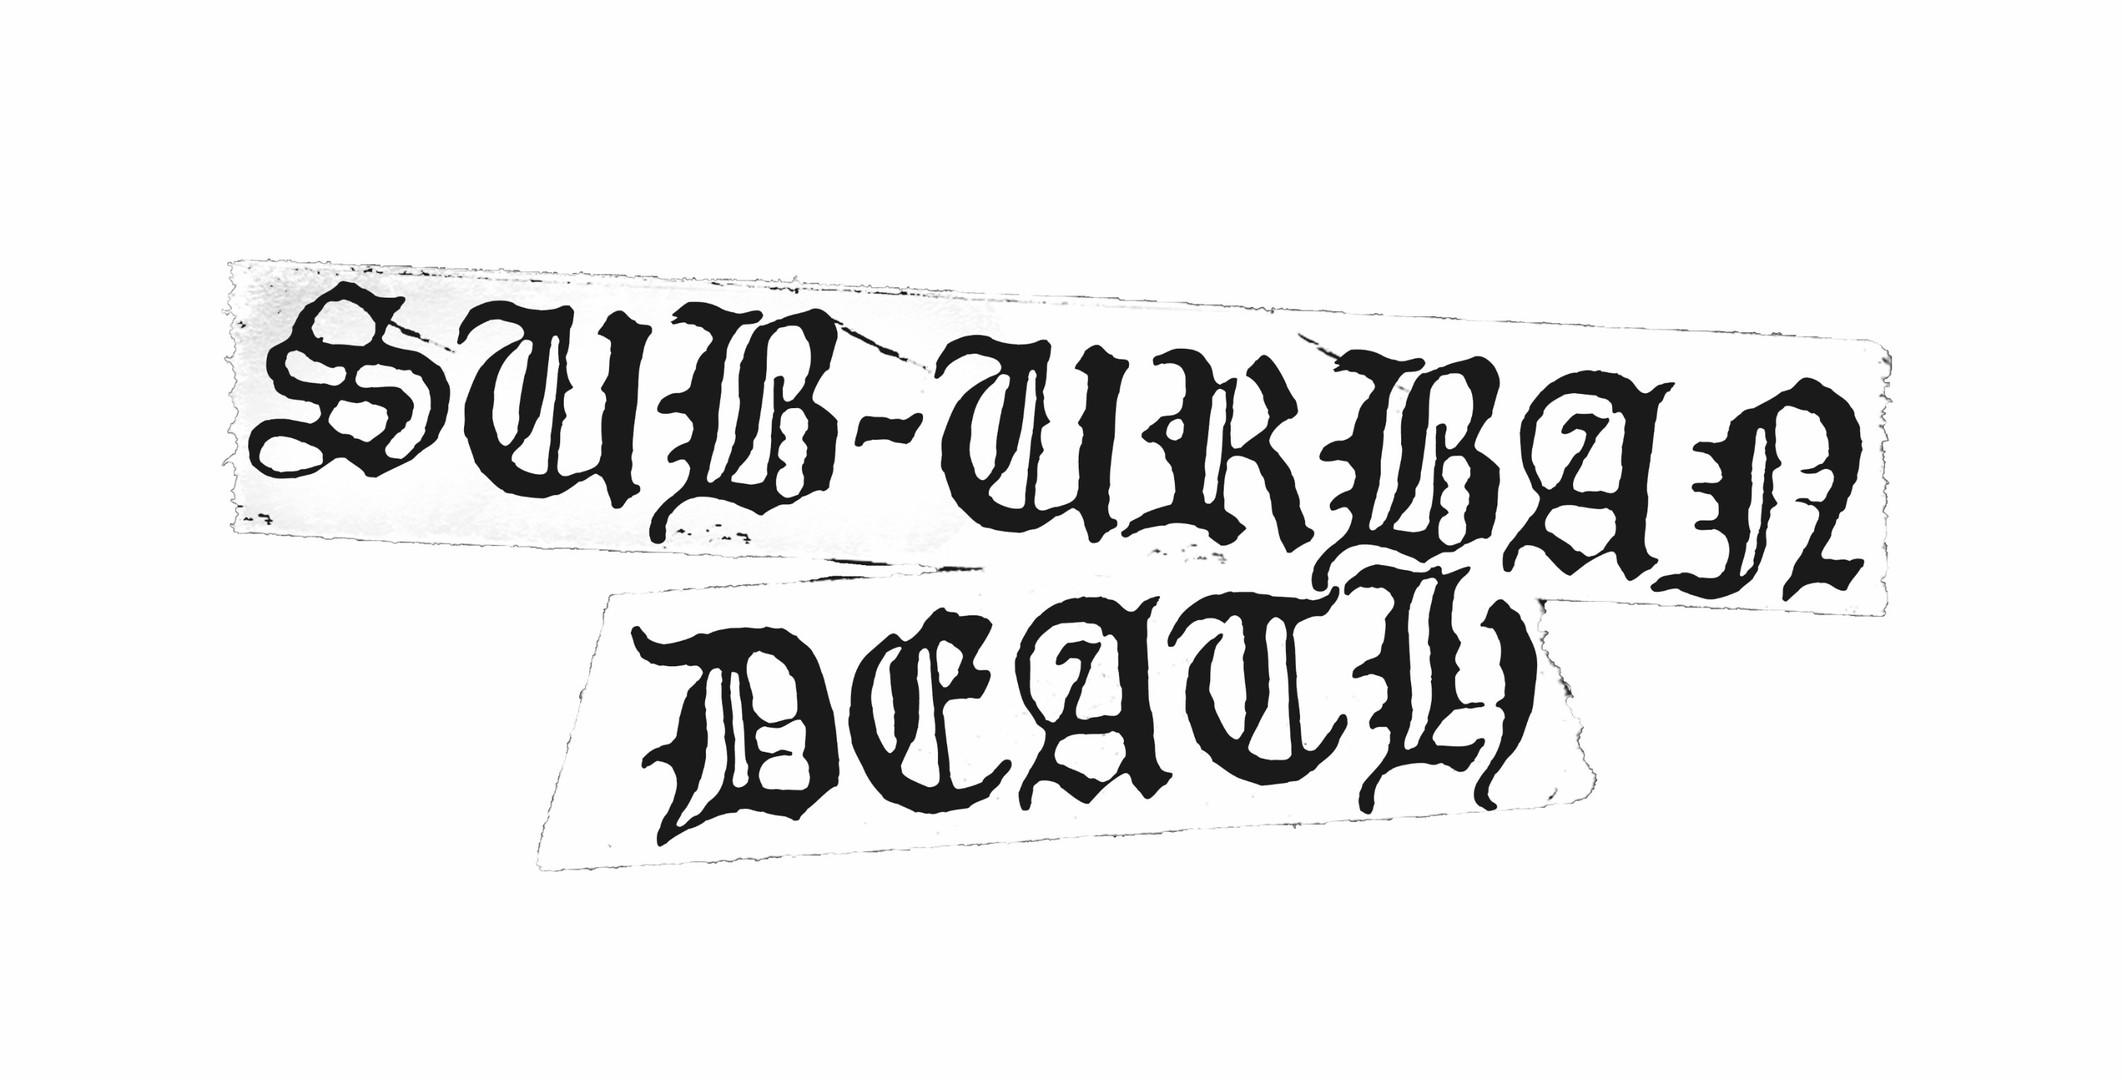 sub-urban-death_edited.jpg